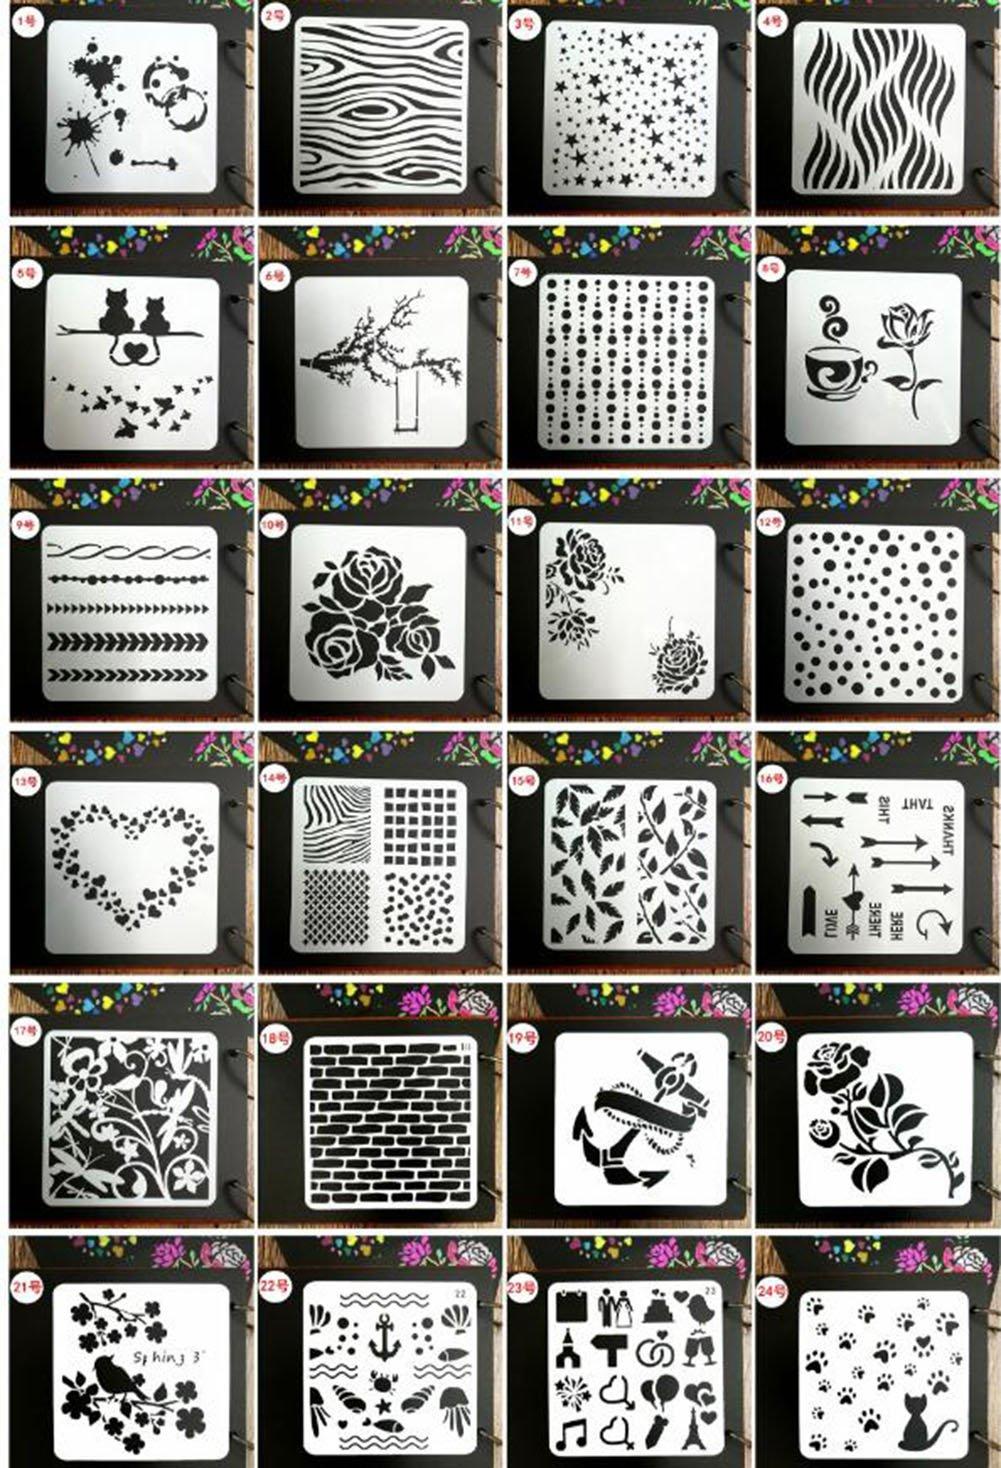 Juuly, 24 stencil diversi per diario, agenda, modelli per disegni, creazioni artigianali, biglietti fai-fa-te